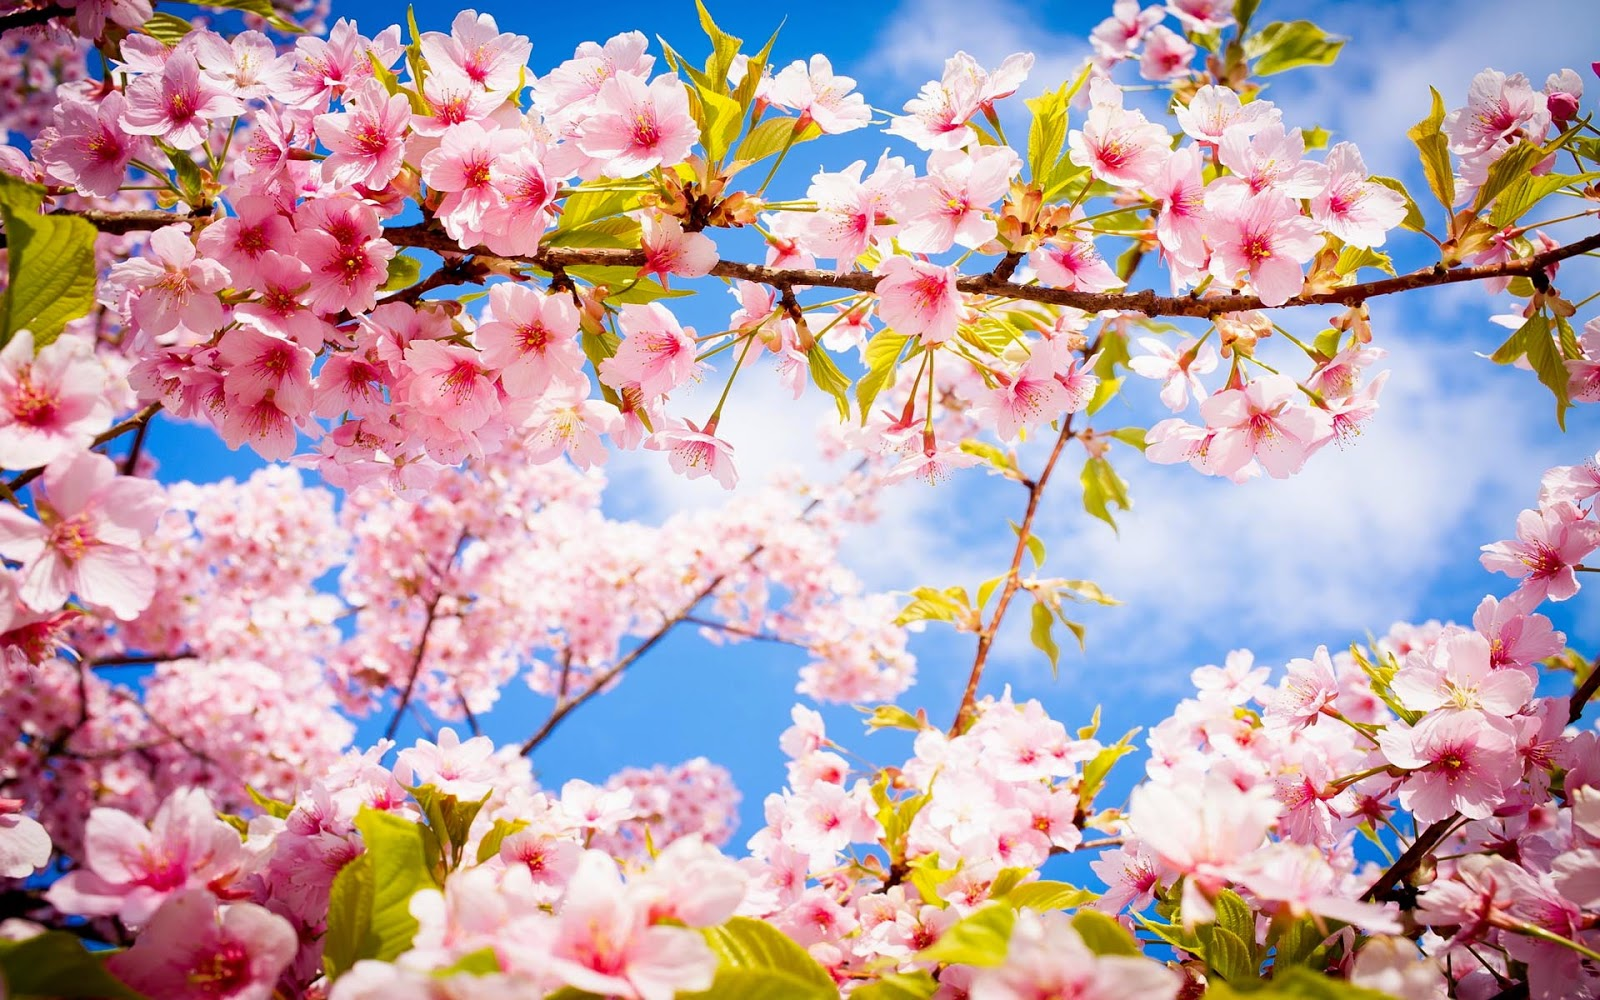 Bureaublad achtergrond in de lente met roze bloemen